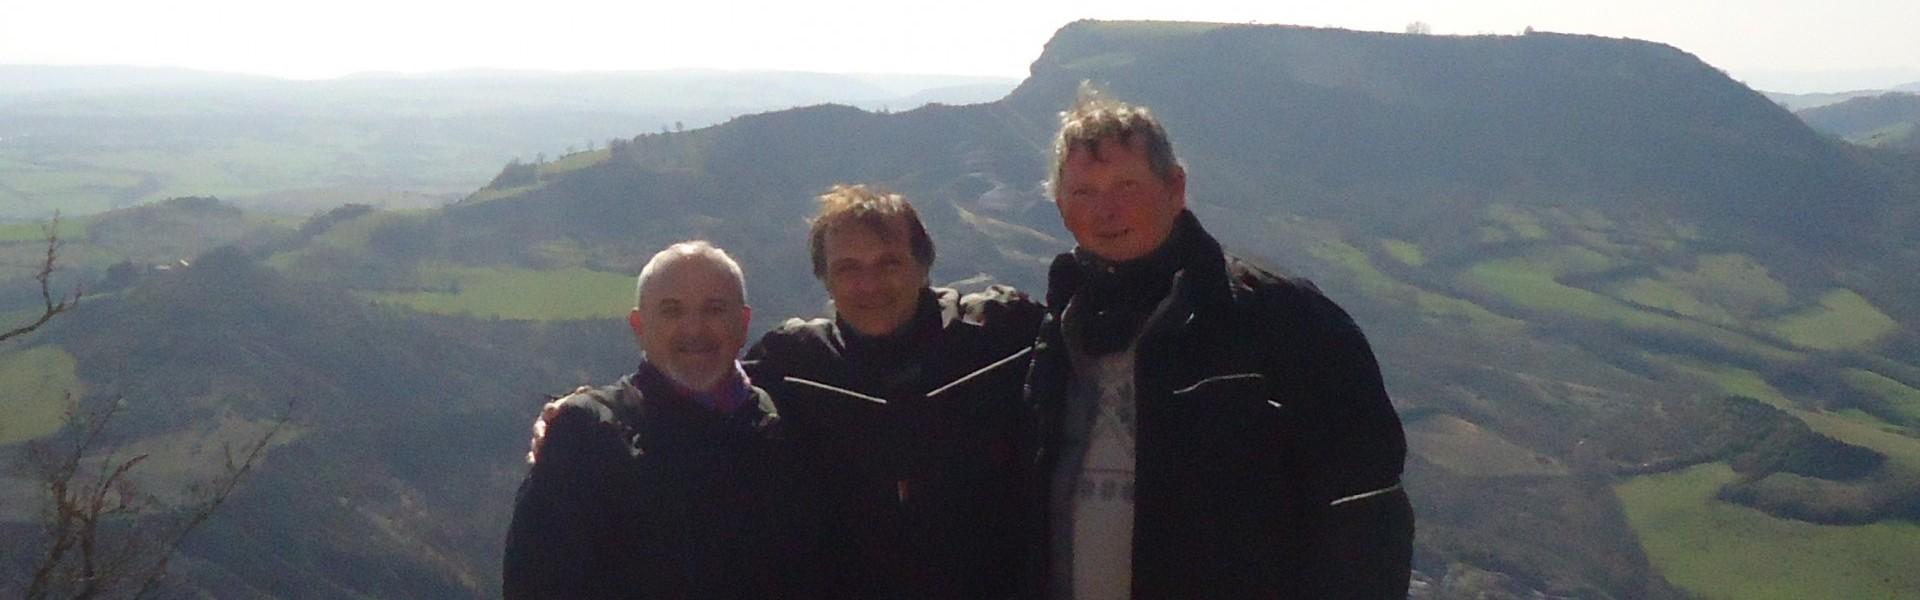 Haut-Languedoc le 31 mars 2013